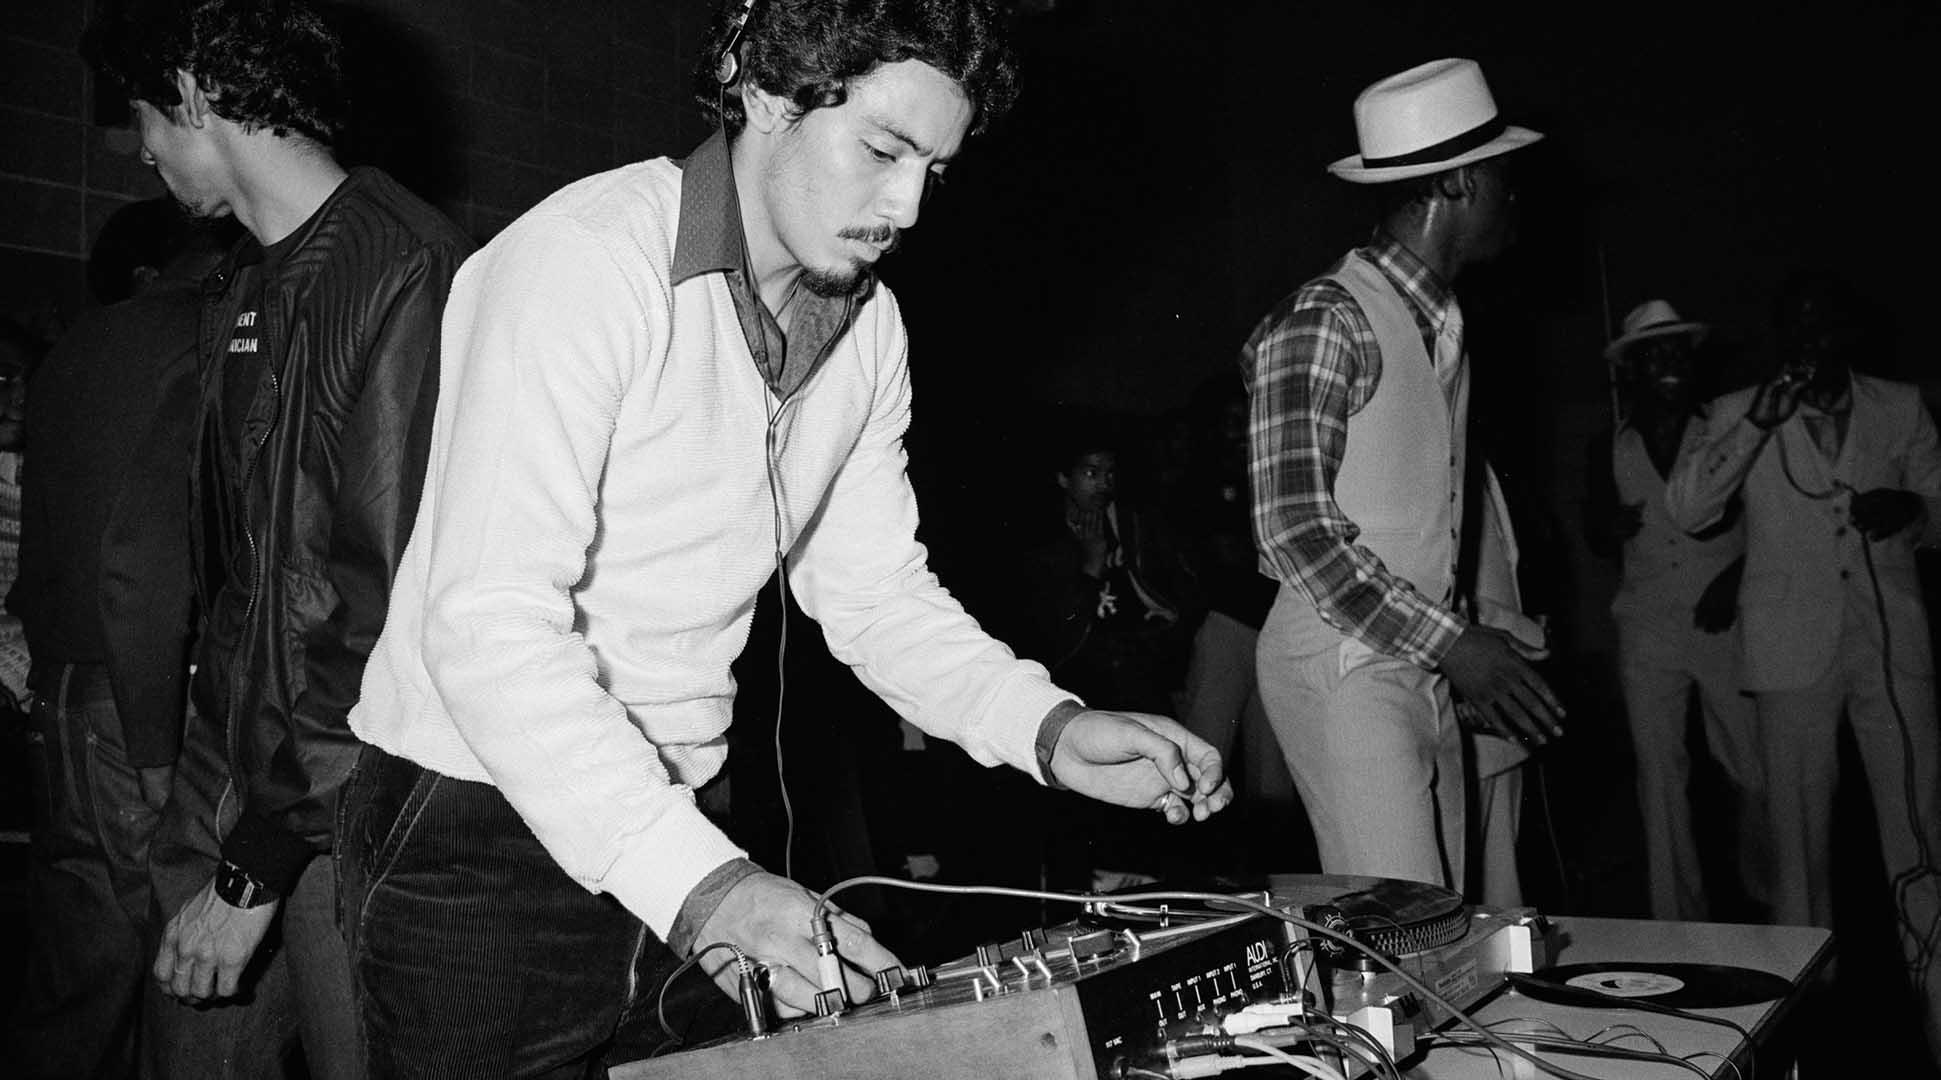 bữa tiệc hip-hop của DJ Kool Herc